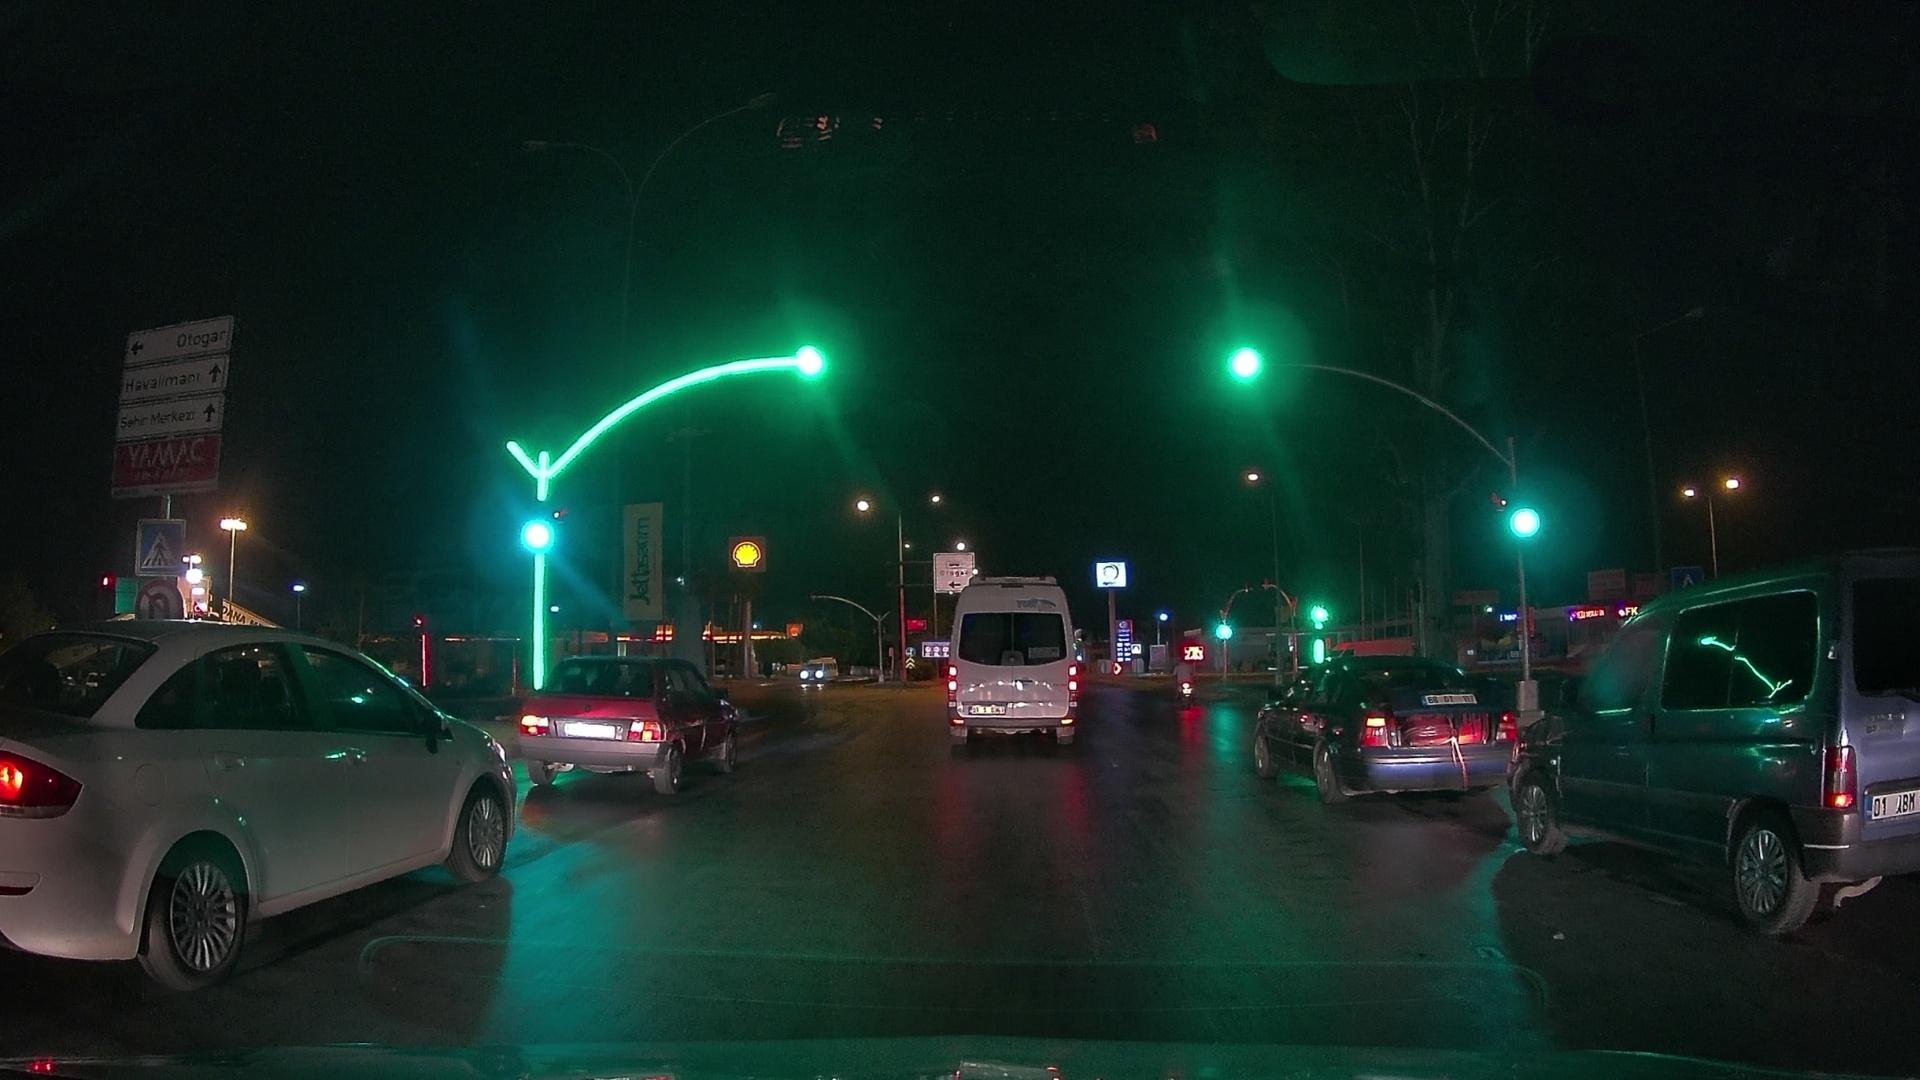 Адана. Светофор